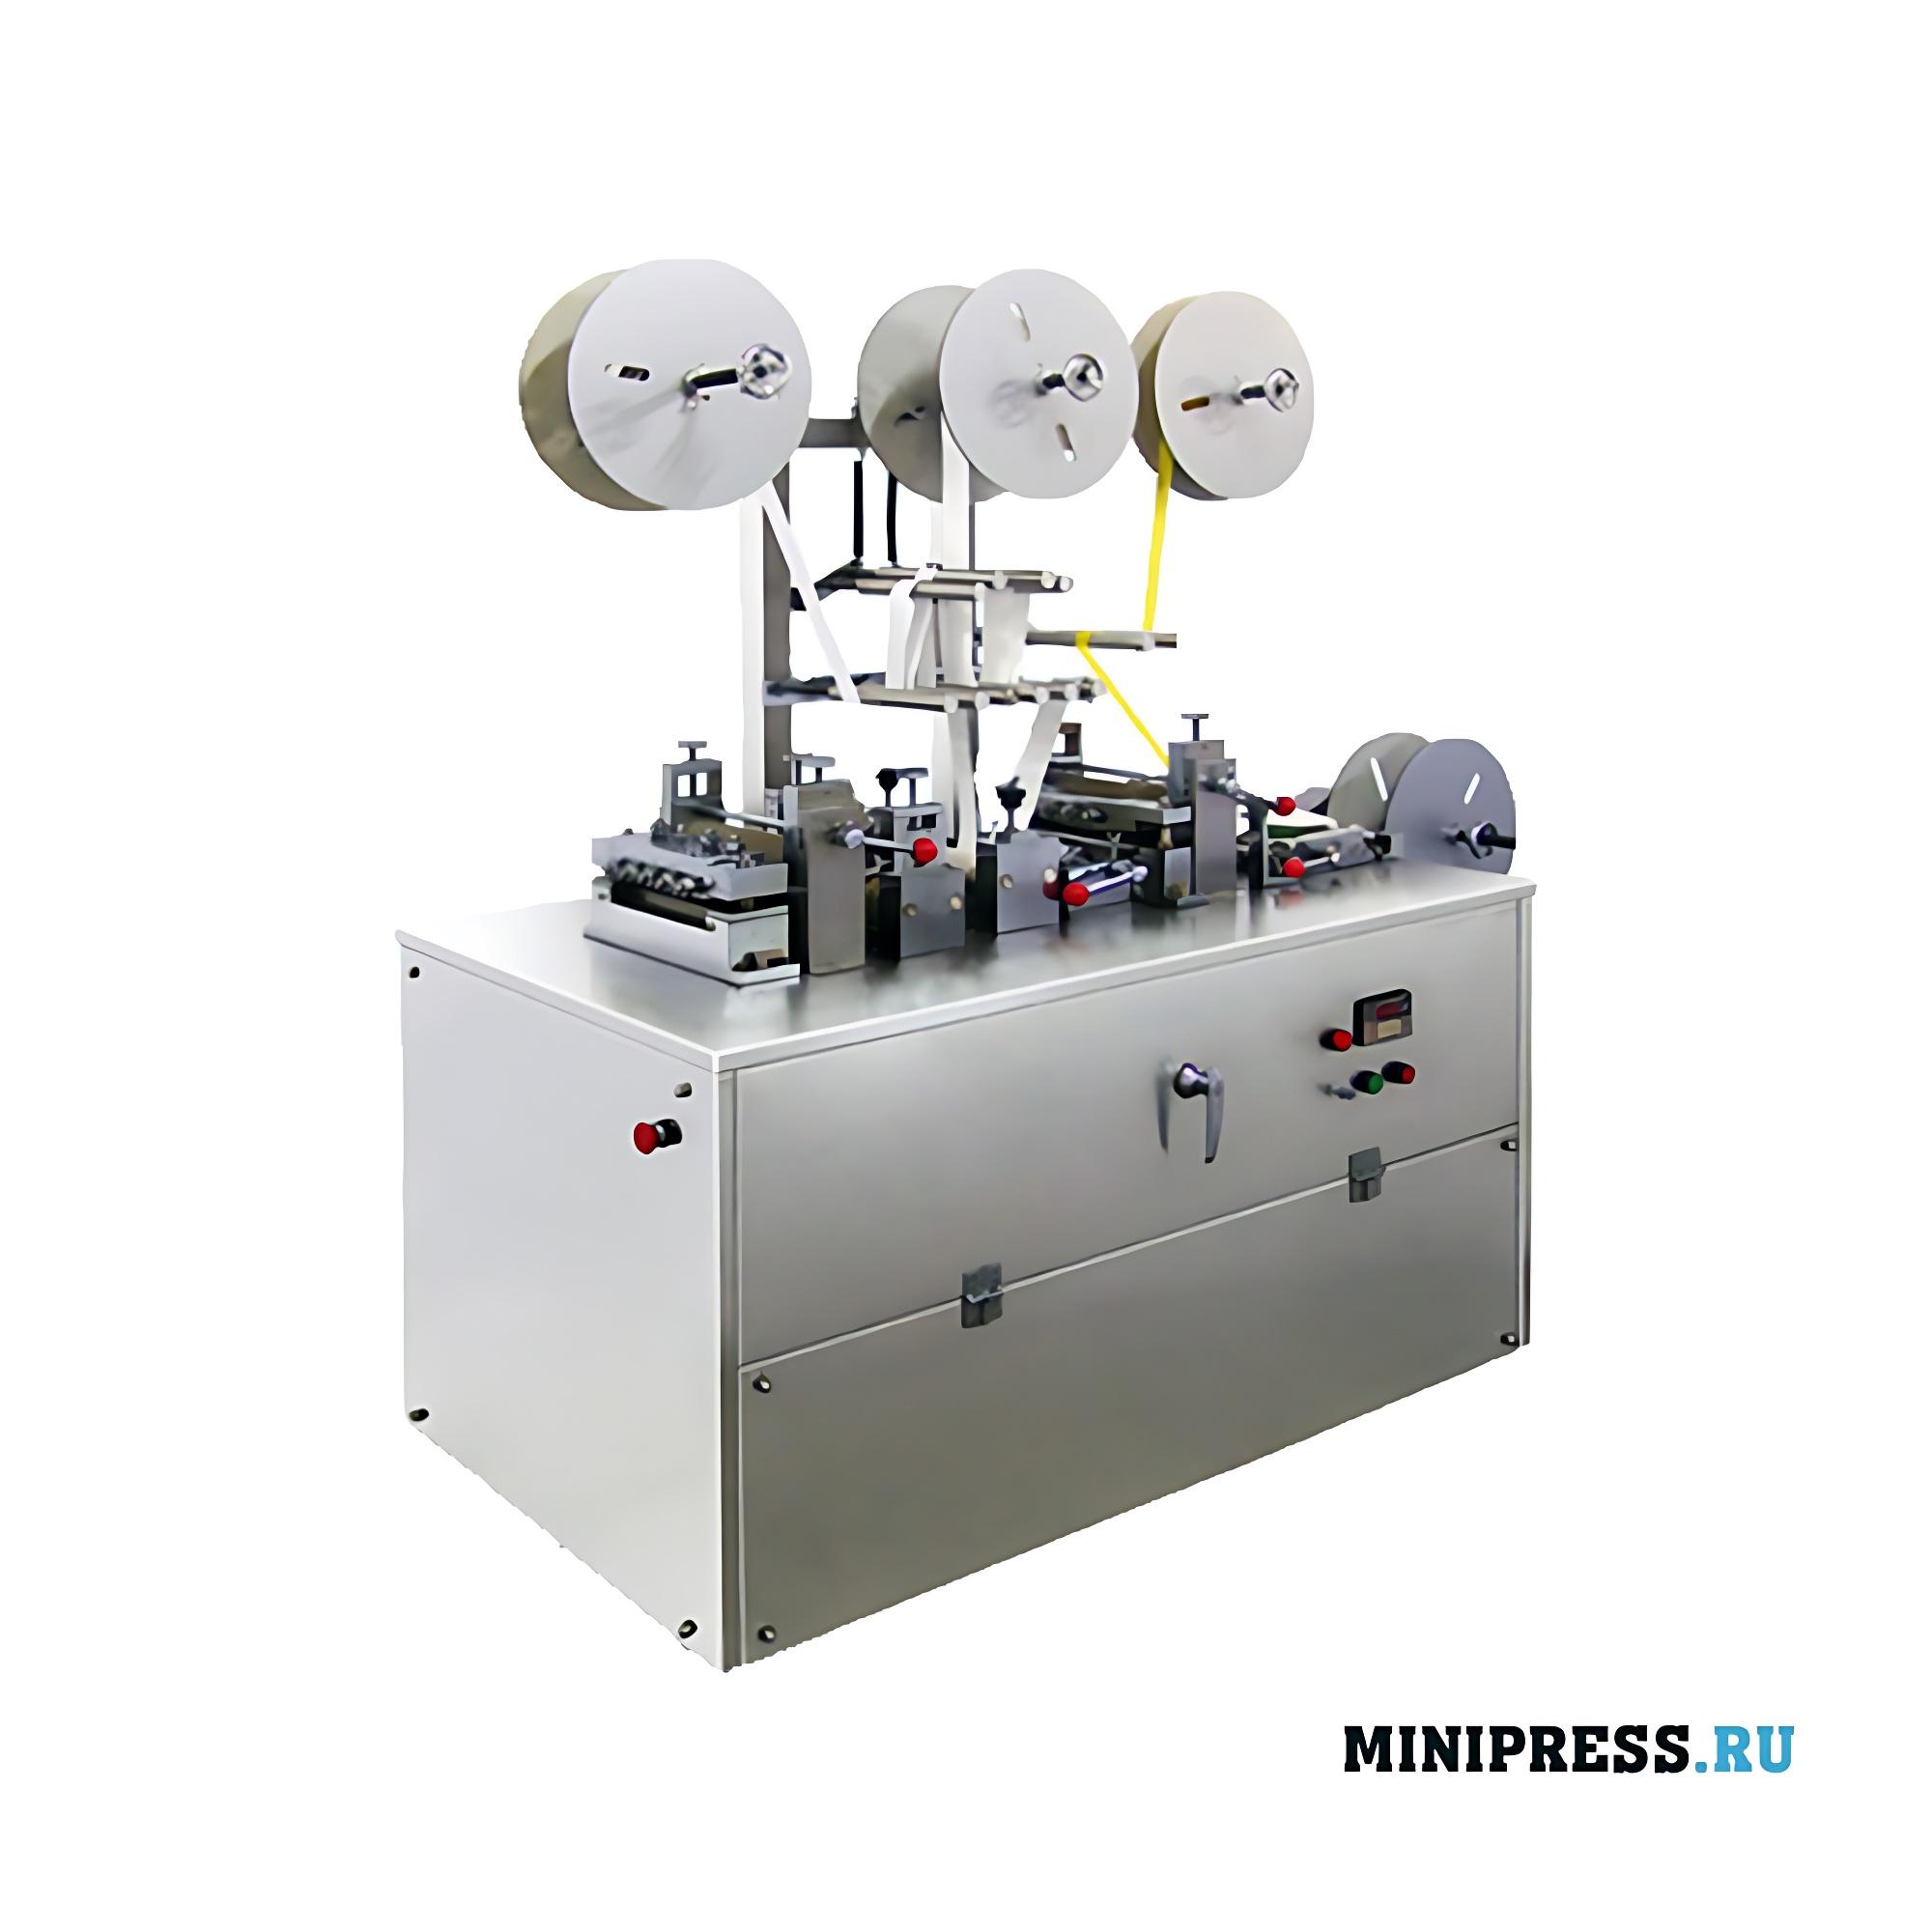 Оборудование для вырубки медицинских пластырей с пропиткой